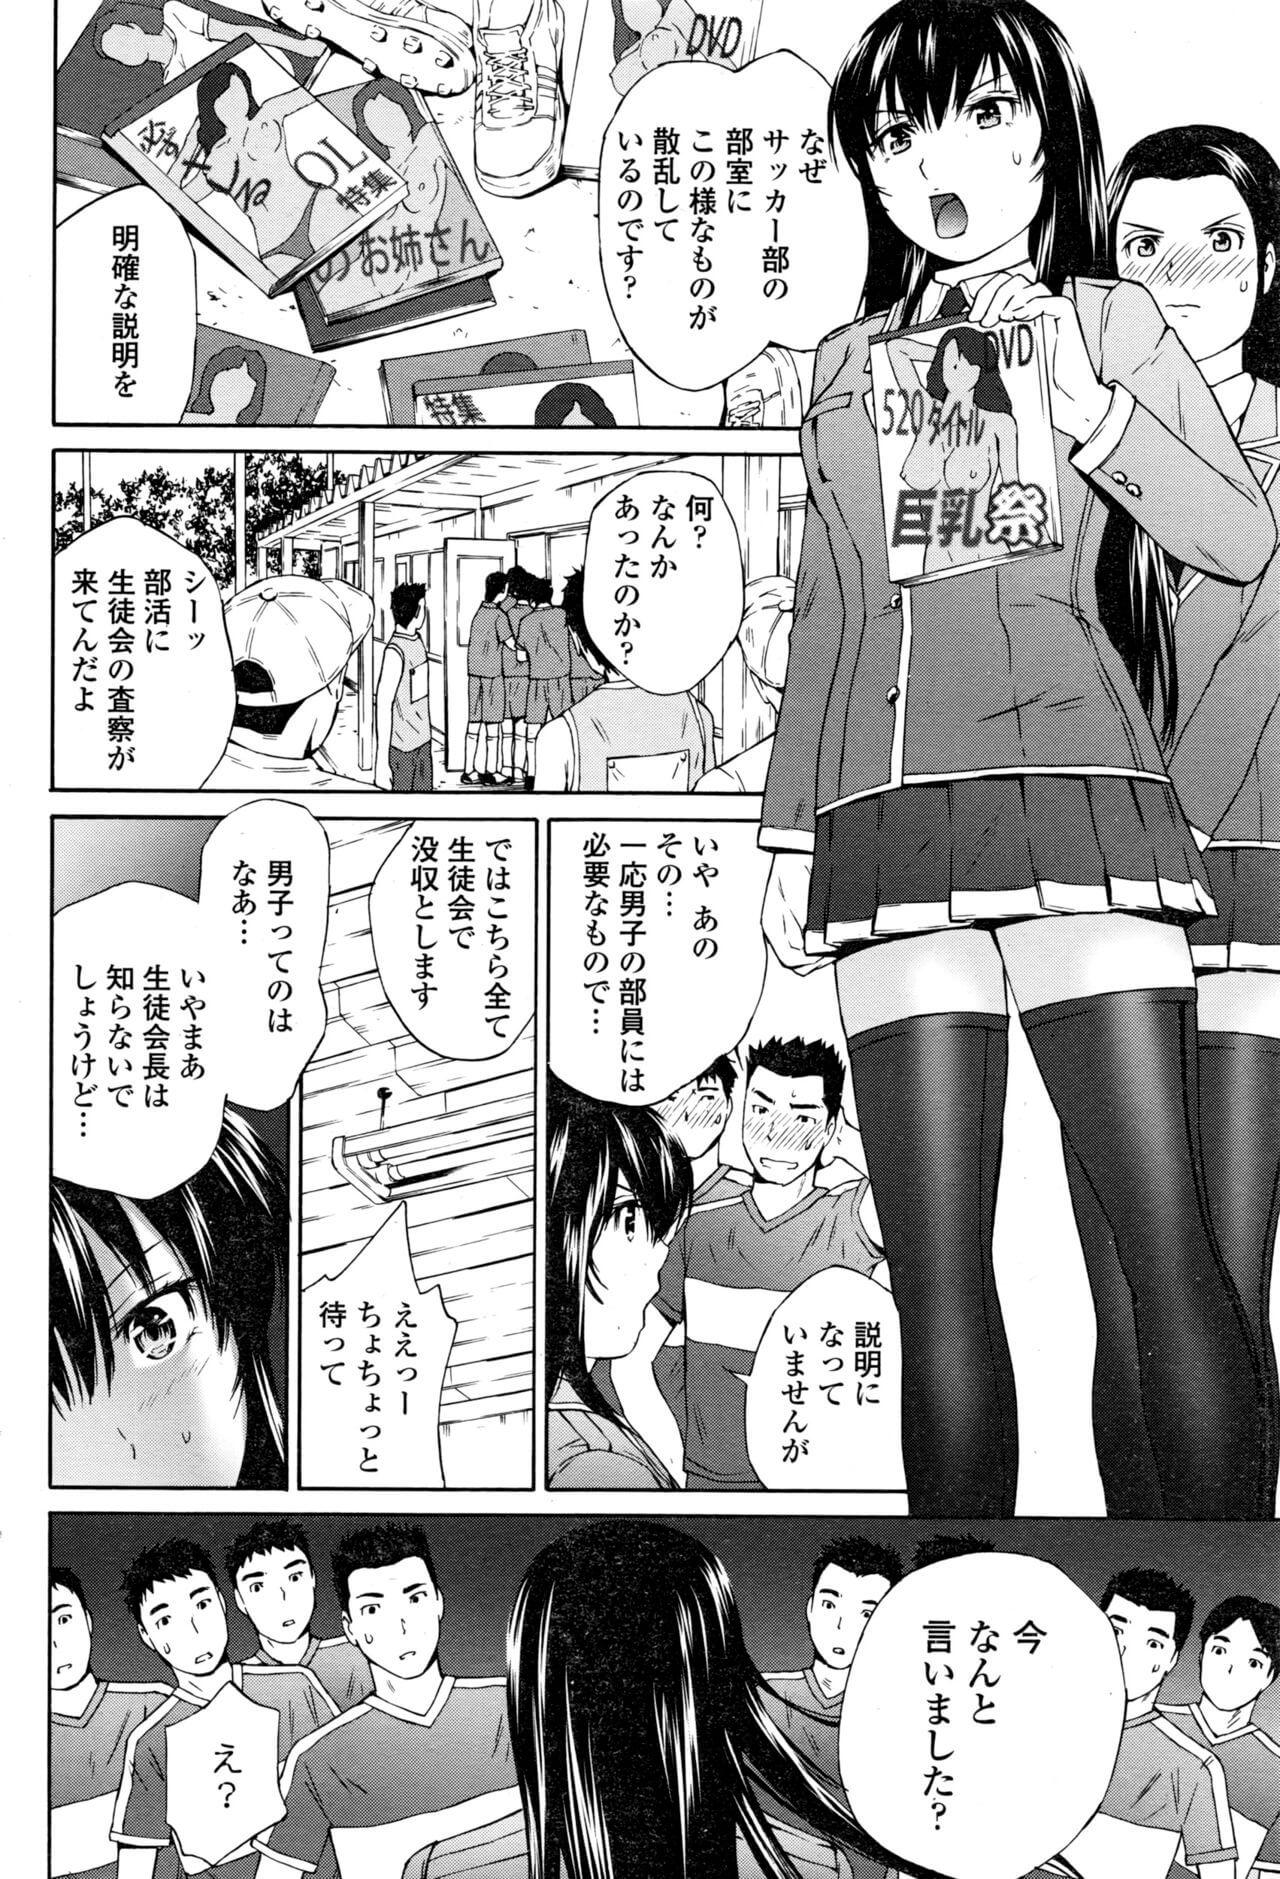 【エロ漫画】生徒会長を務める制服JKが勃起したおちんちん目の前に出されてアナルに生ハメ【無料 エロ同人】